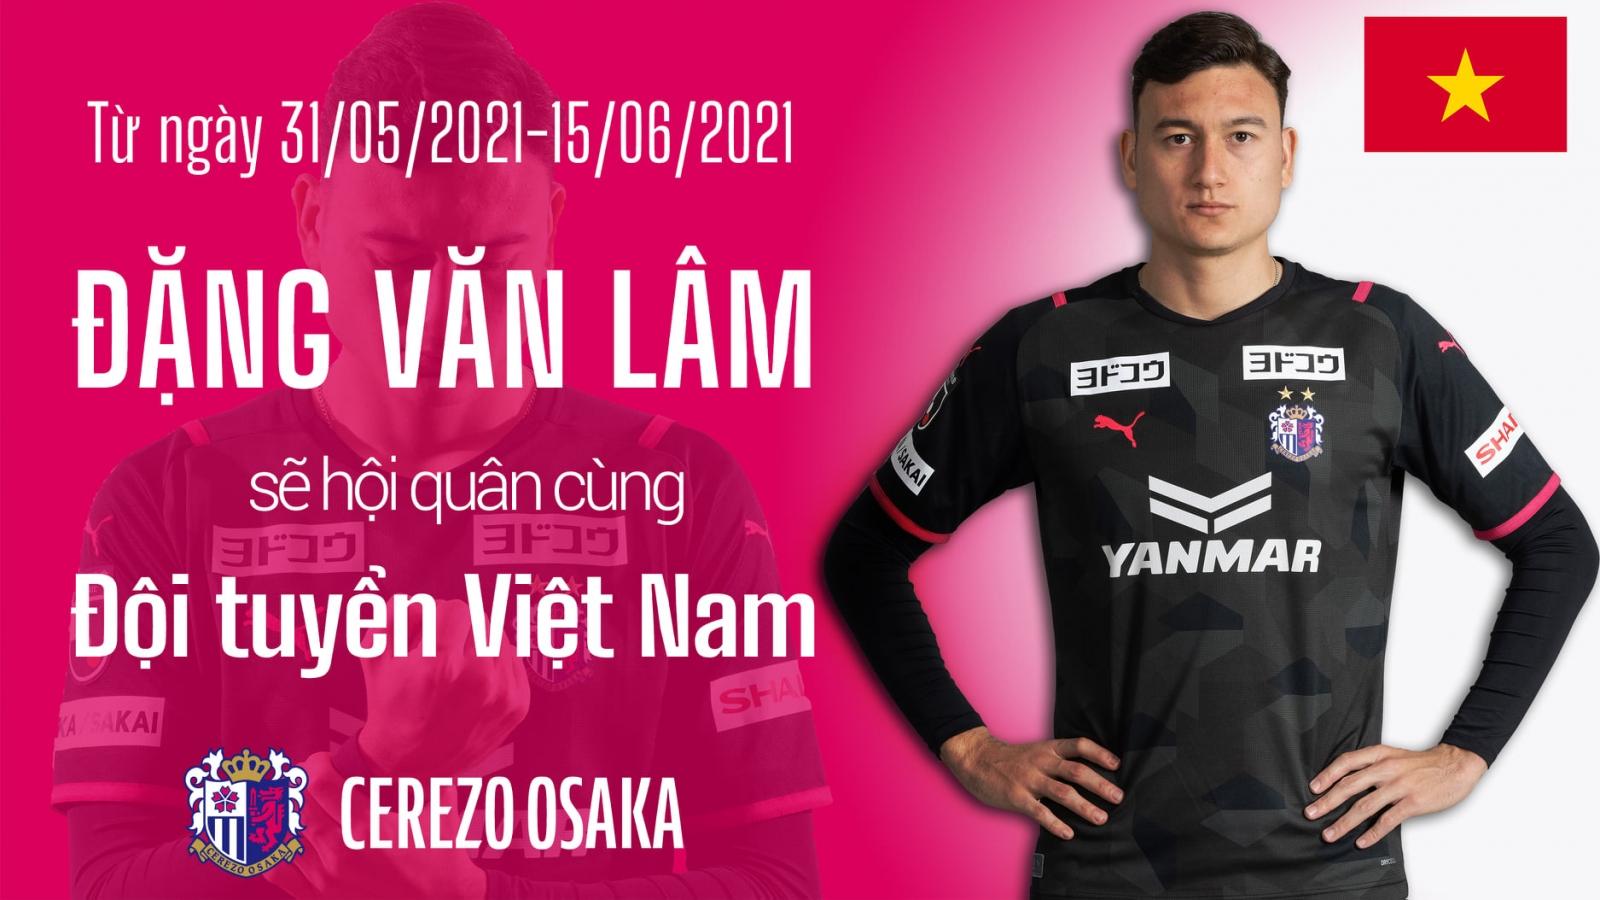 Cerezo Osaka xác nhận Văn Lâm dự vòng loại World Cup cùng ĐT Việt Nam